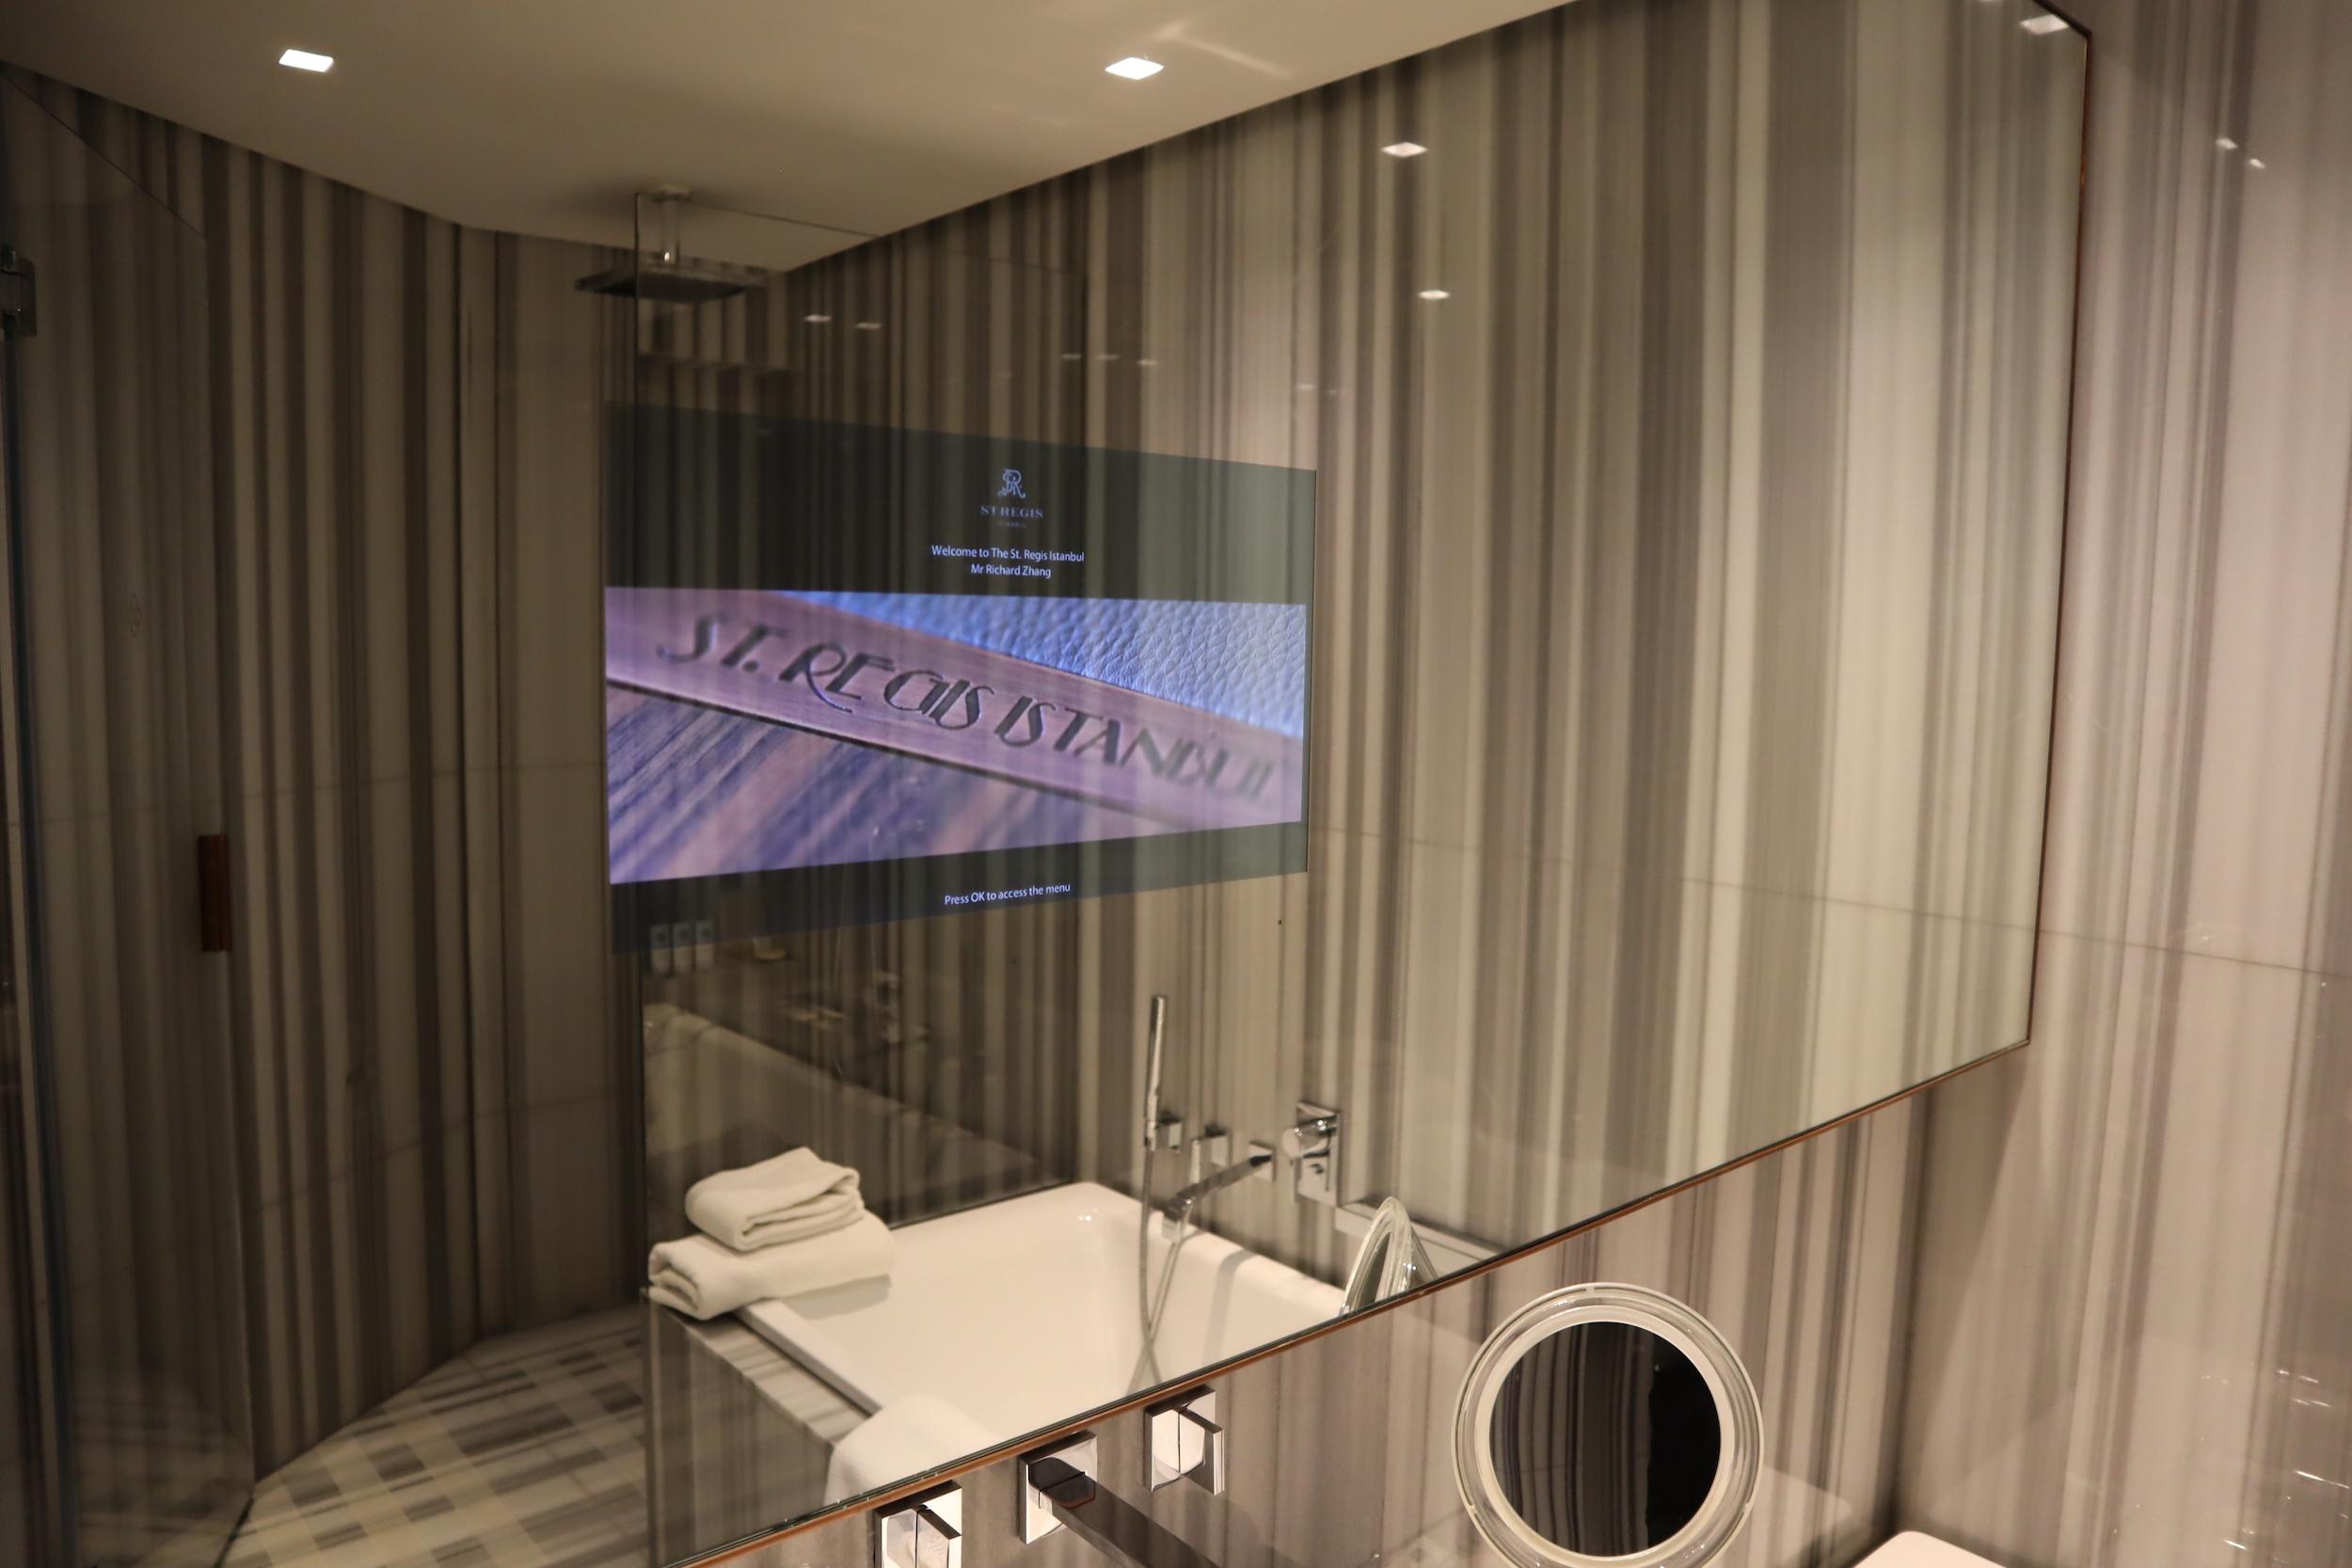 St. Regis Istanbul – St. Regis Suite bathroom television